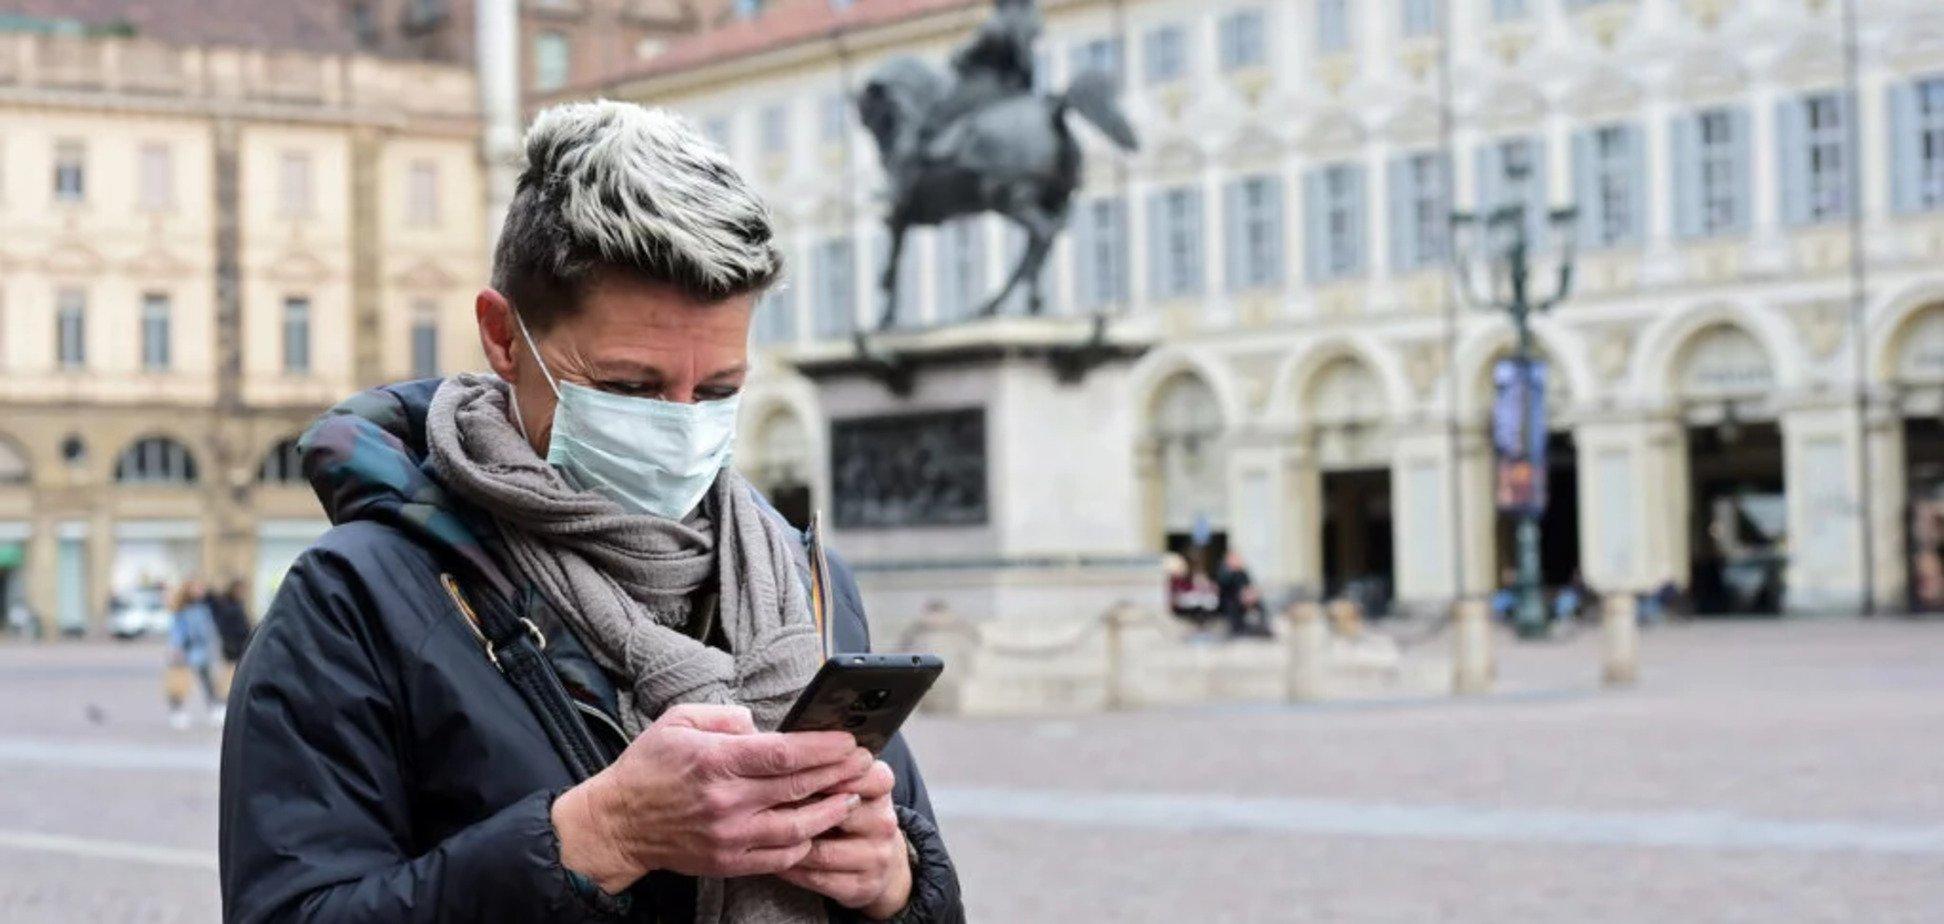 Коронавірус в Італії: число жертв наближається до 400, провінції закриті